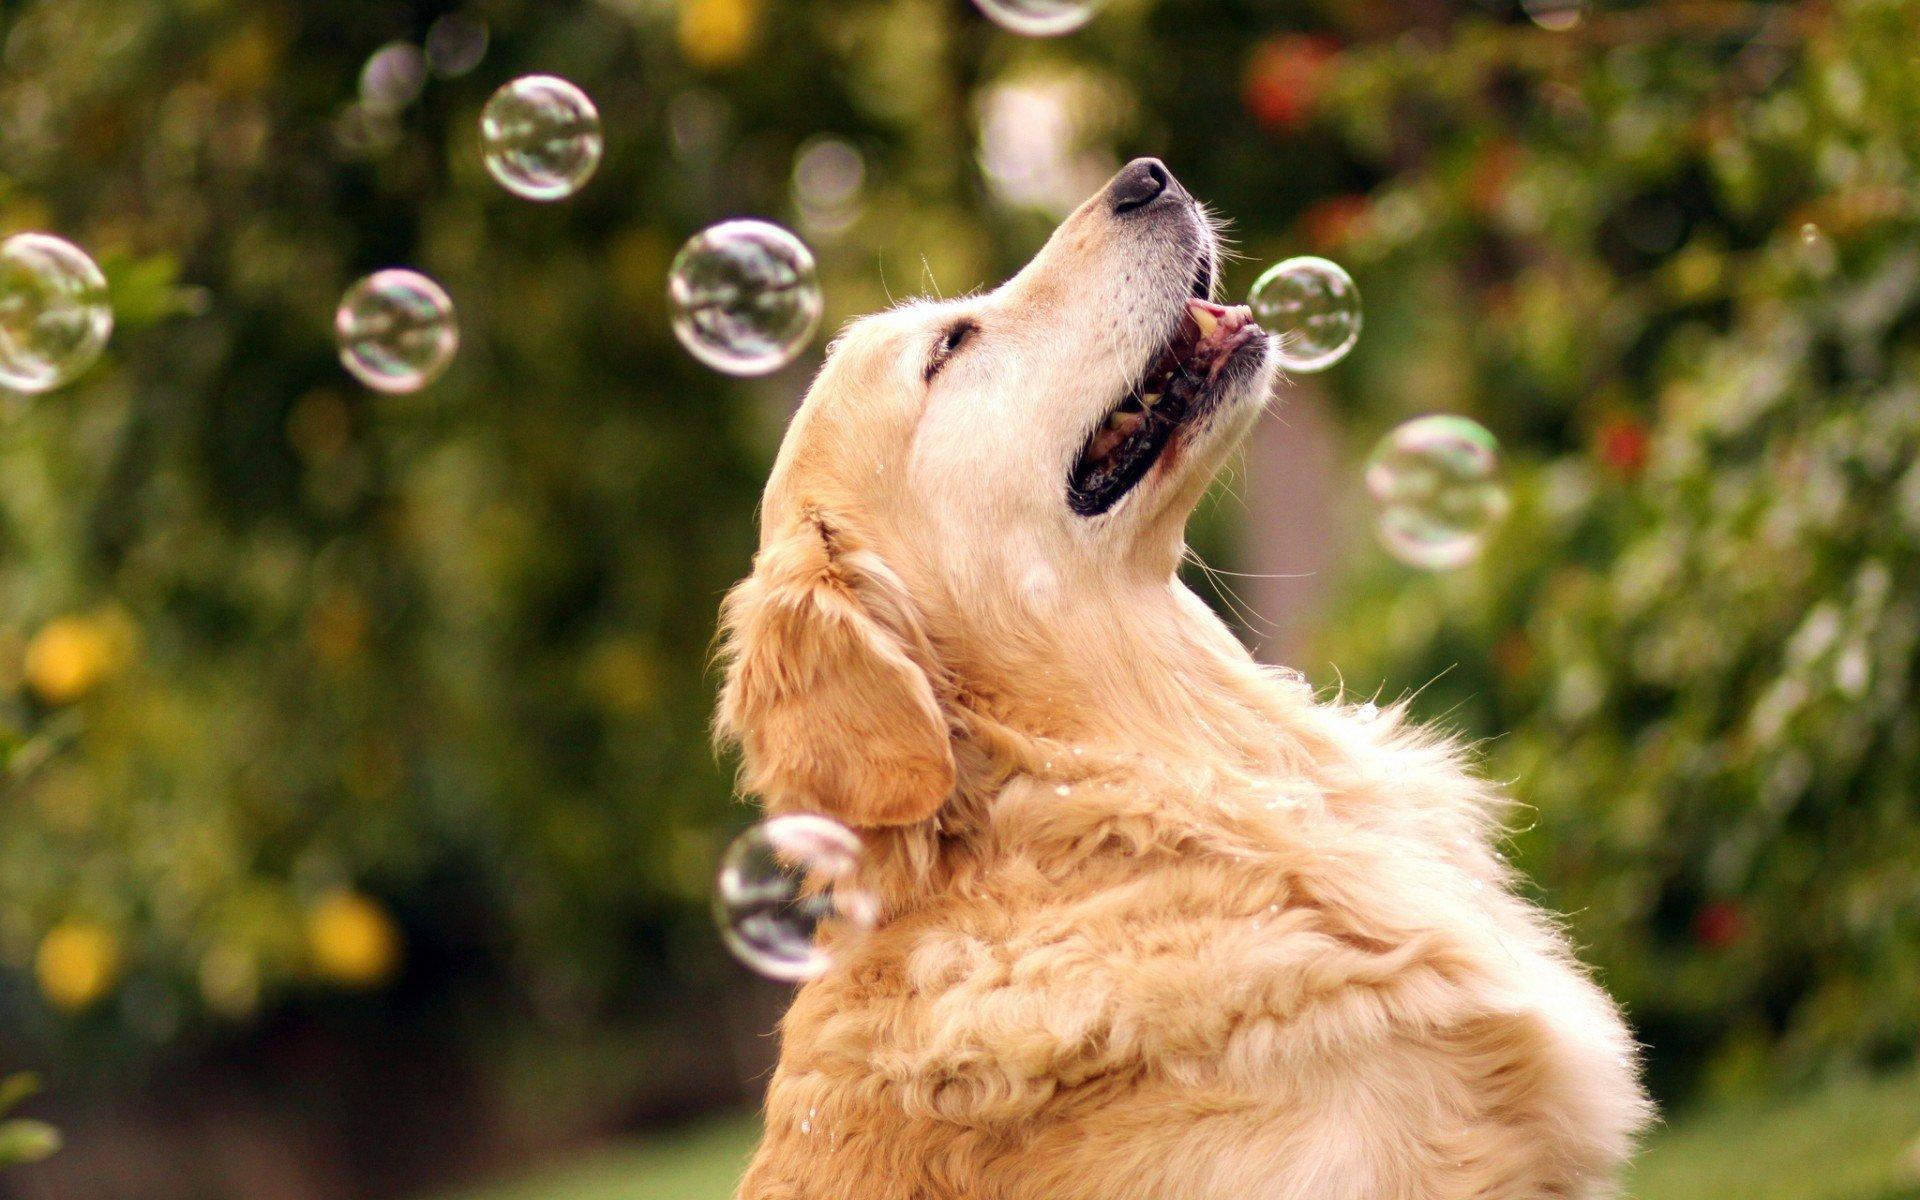 найти позитивные фото и картинки животных данном